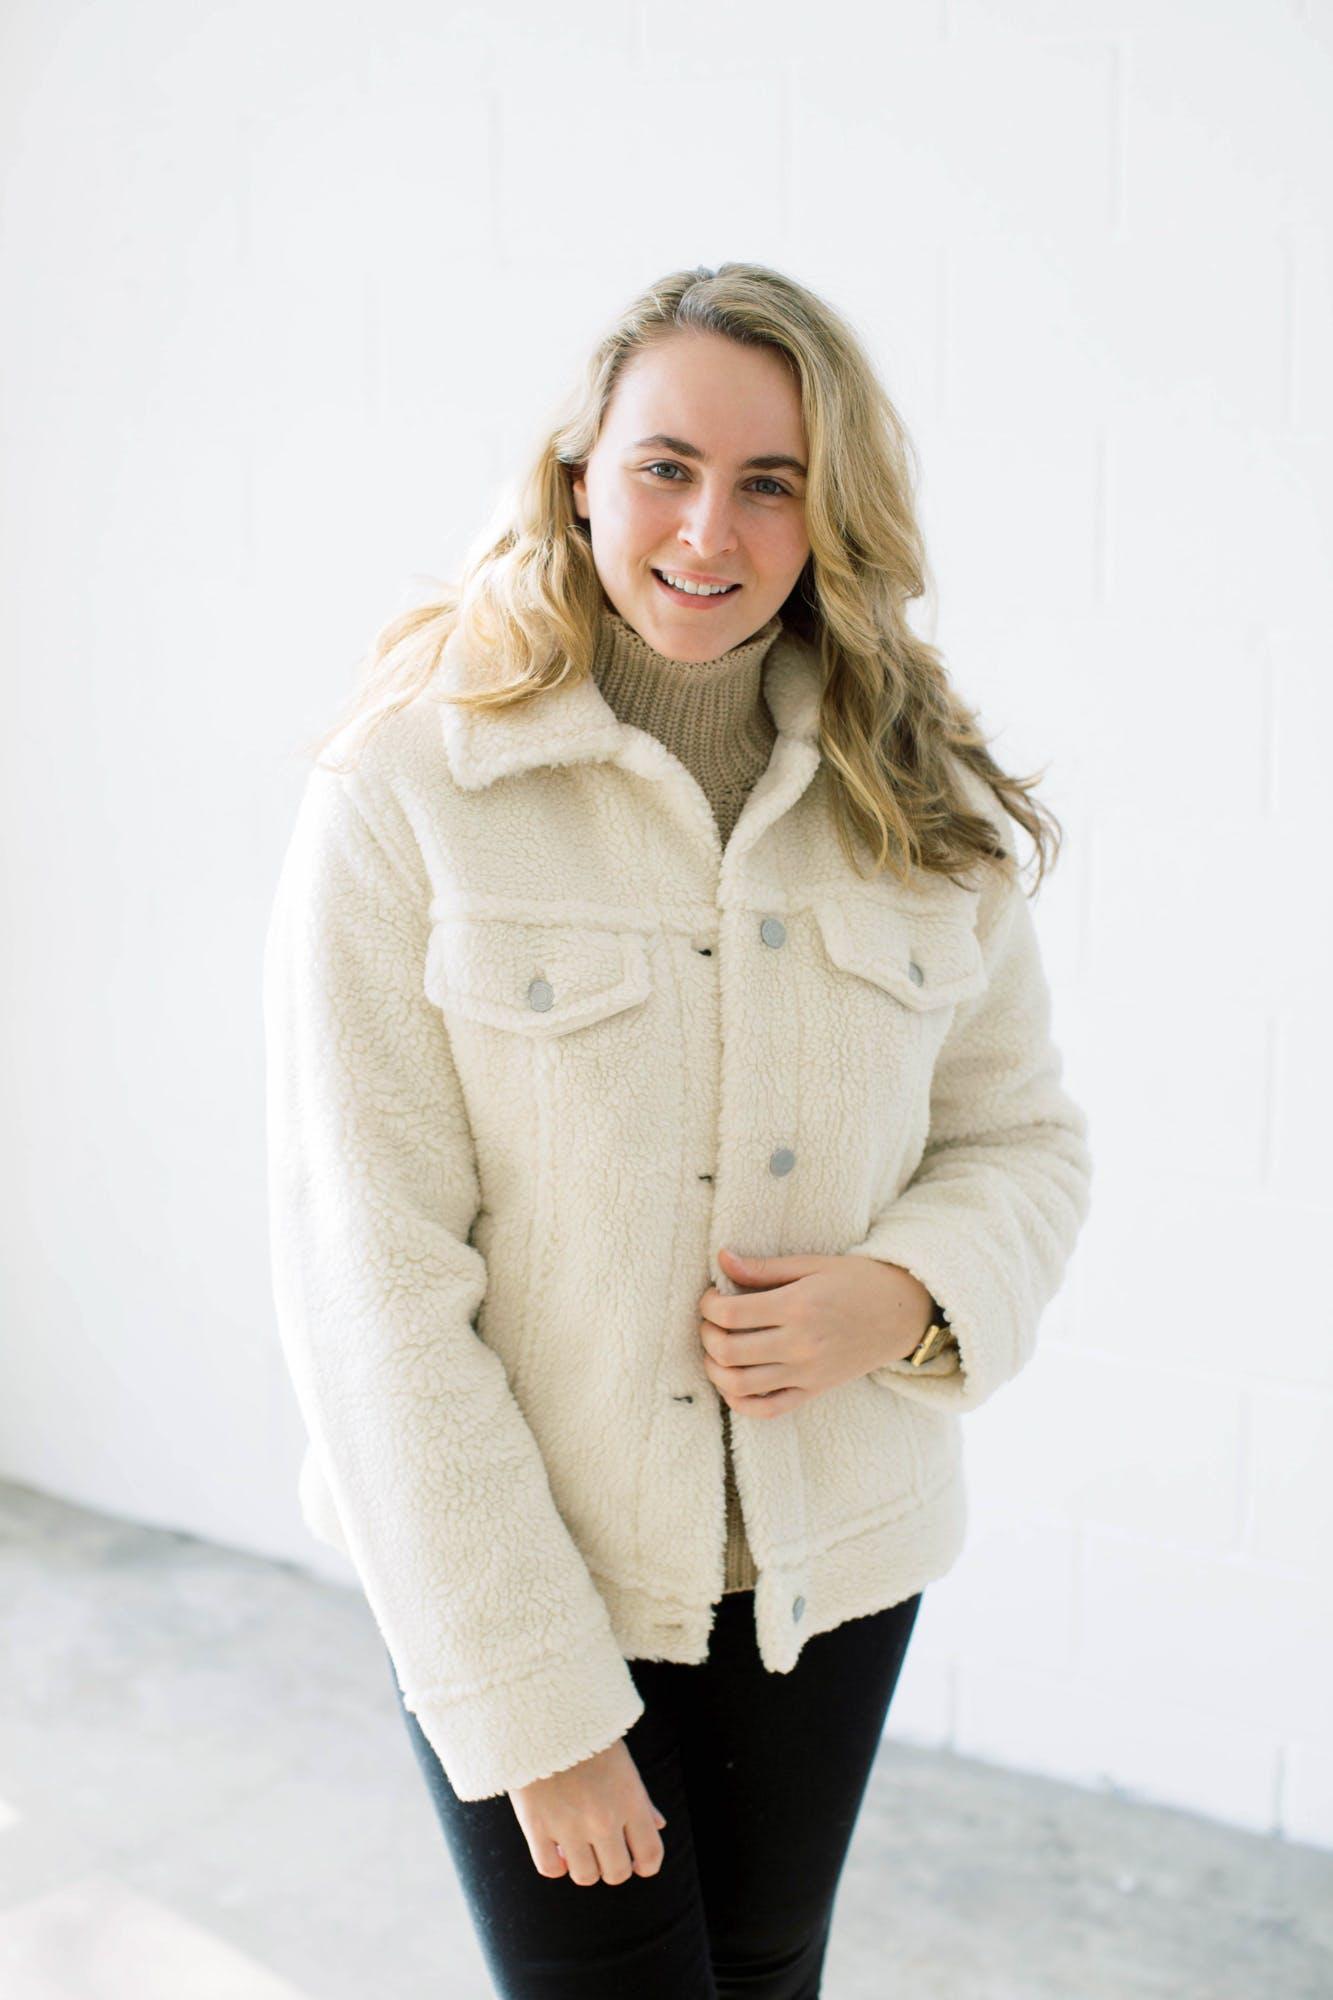 Kirsten Baumberger